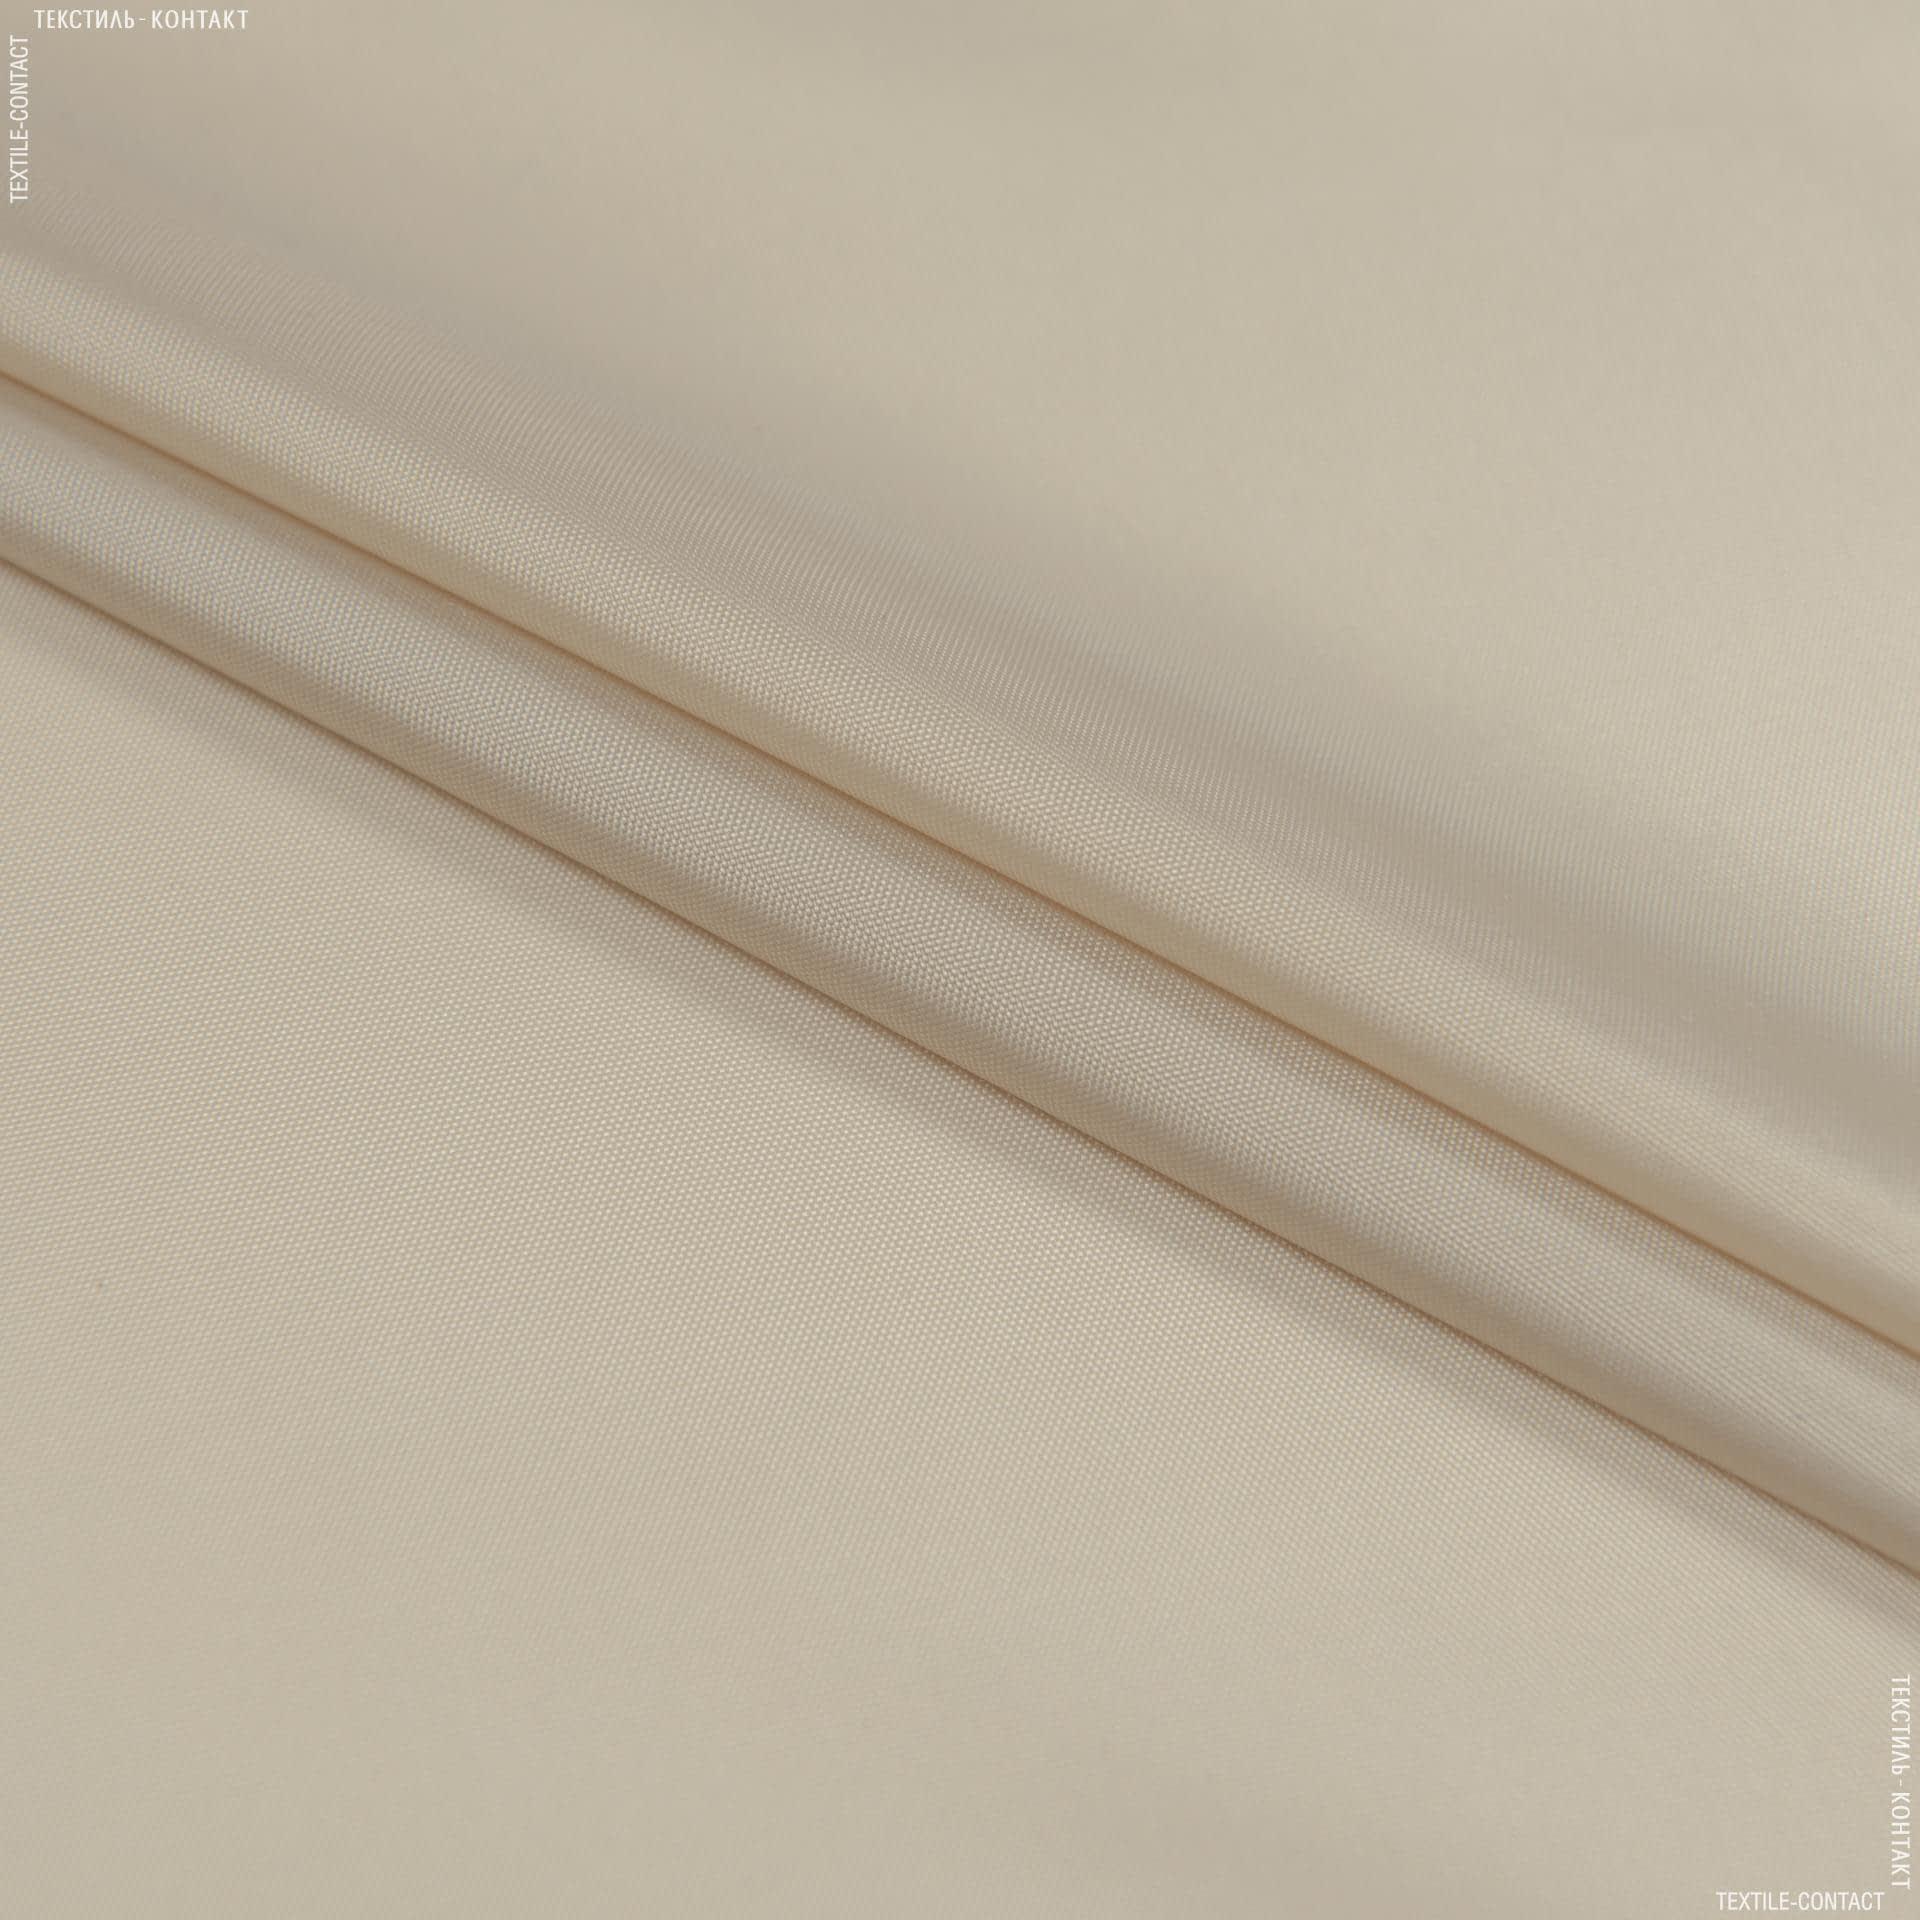 Тканини для наметів - Болонія світло-бежевий